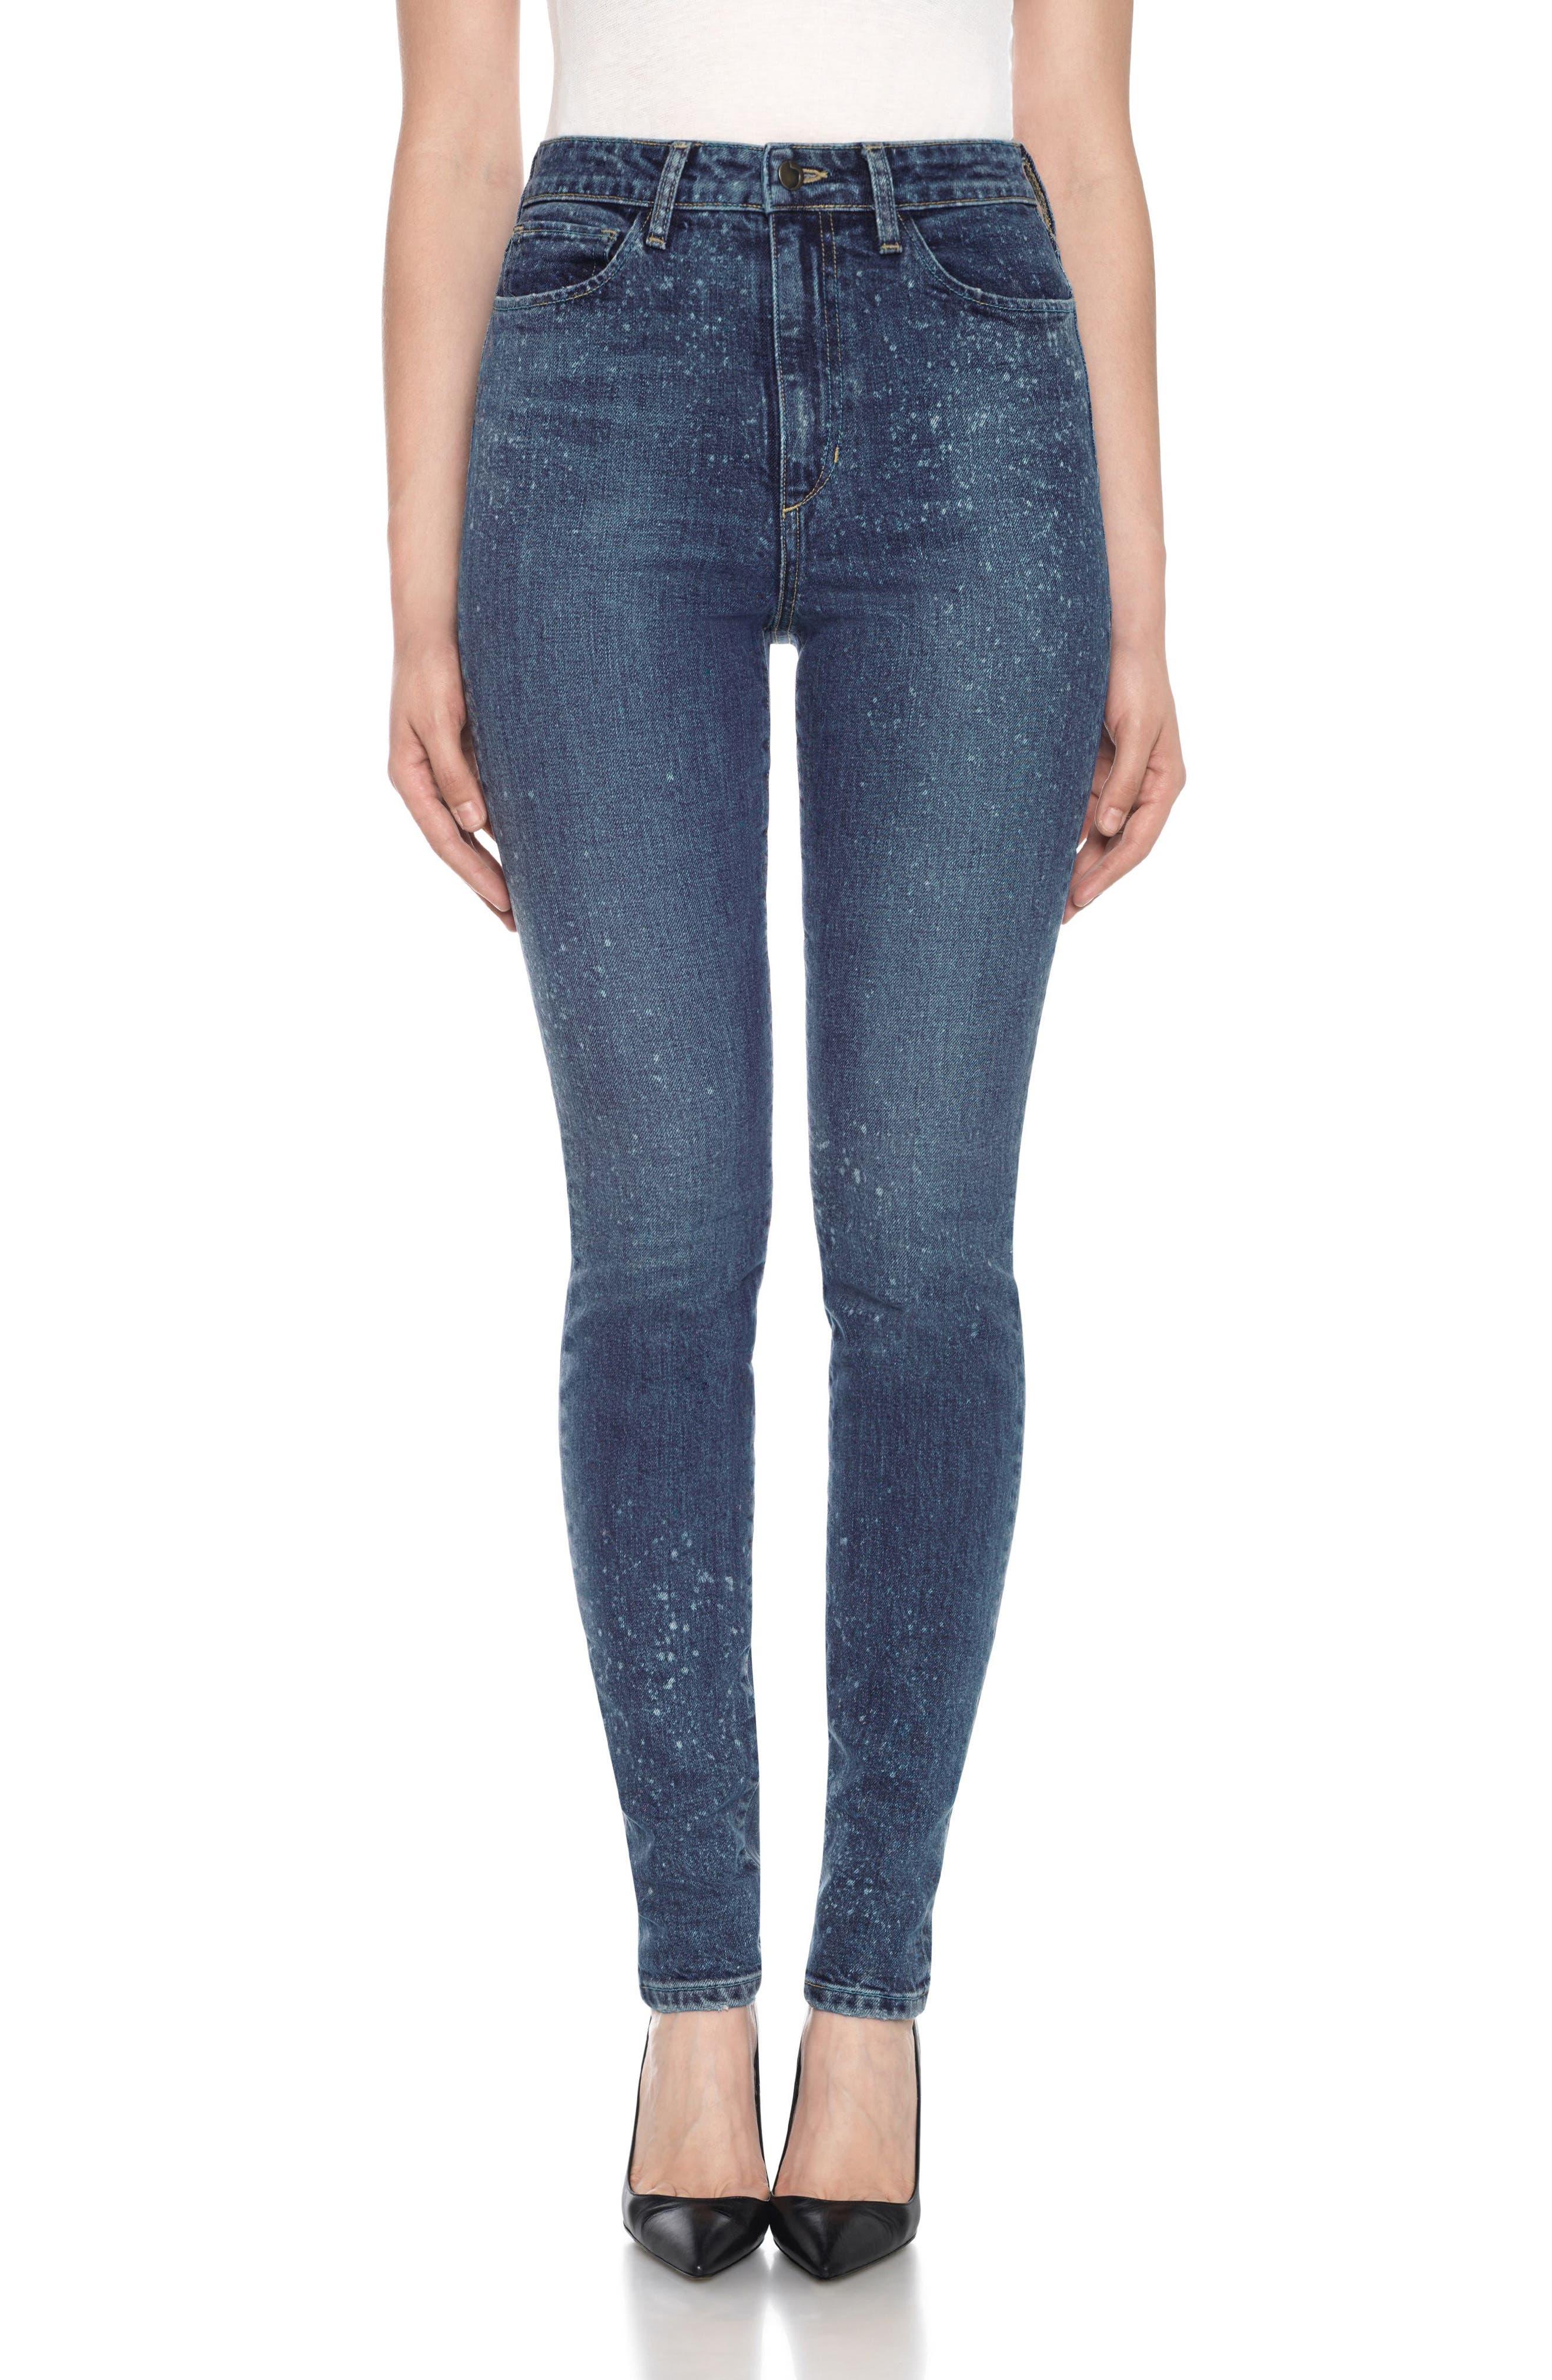 Taylor Hill x Joe's Bella High Waist Skinny Jeans (Justice)